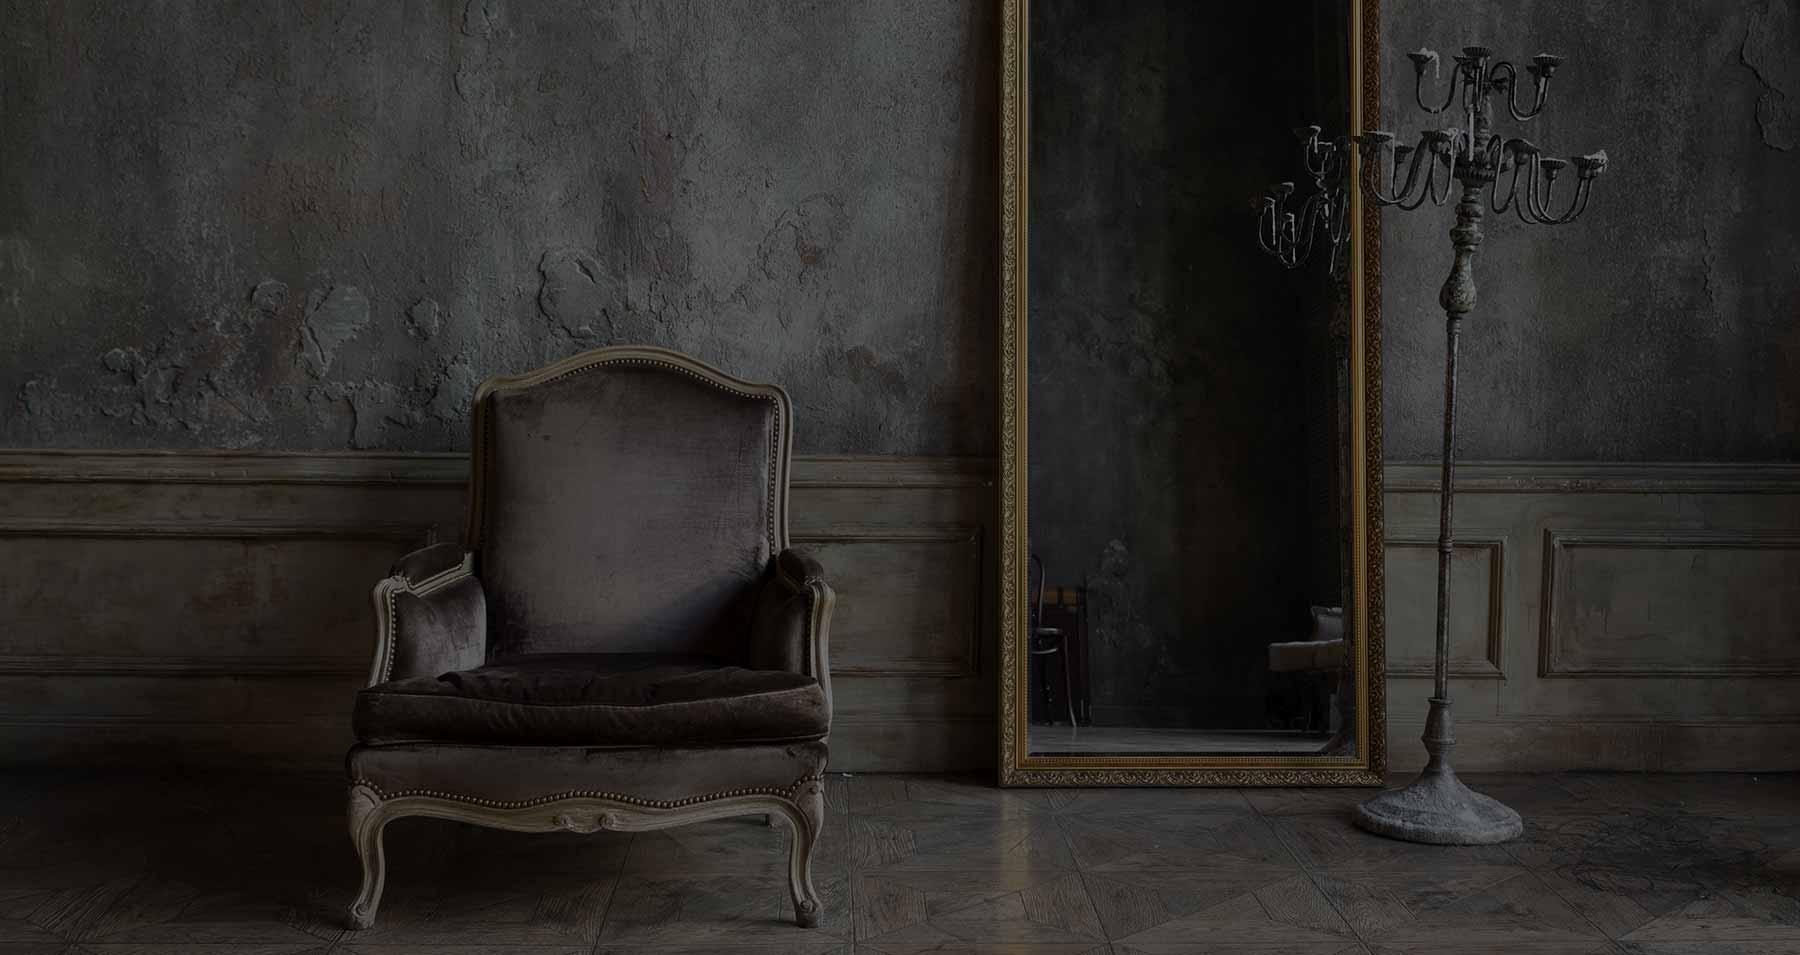 Au Fil de Soi à Limoges est un atelier vous proposant les services d'un tapissier d'ameublement expérimenté dans la confection sur mesure et le décor textile.